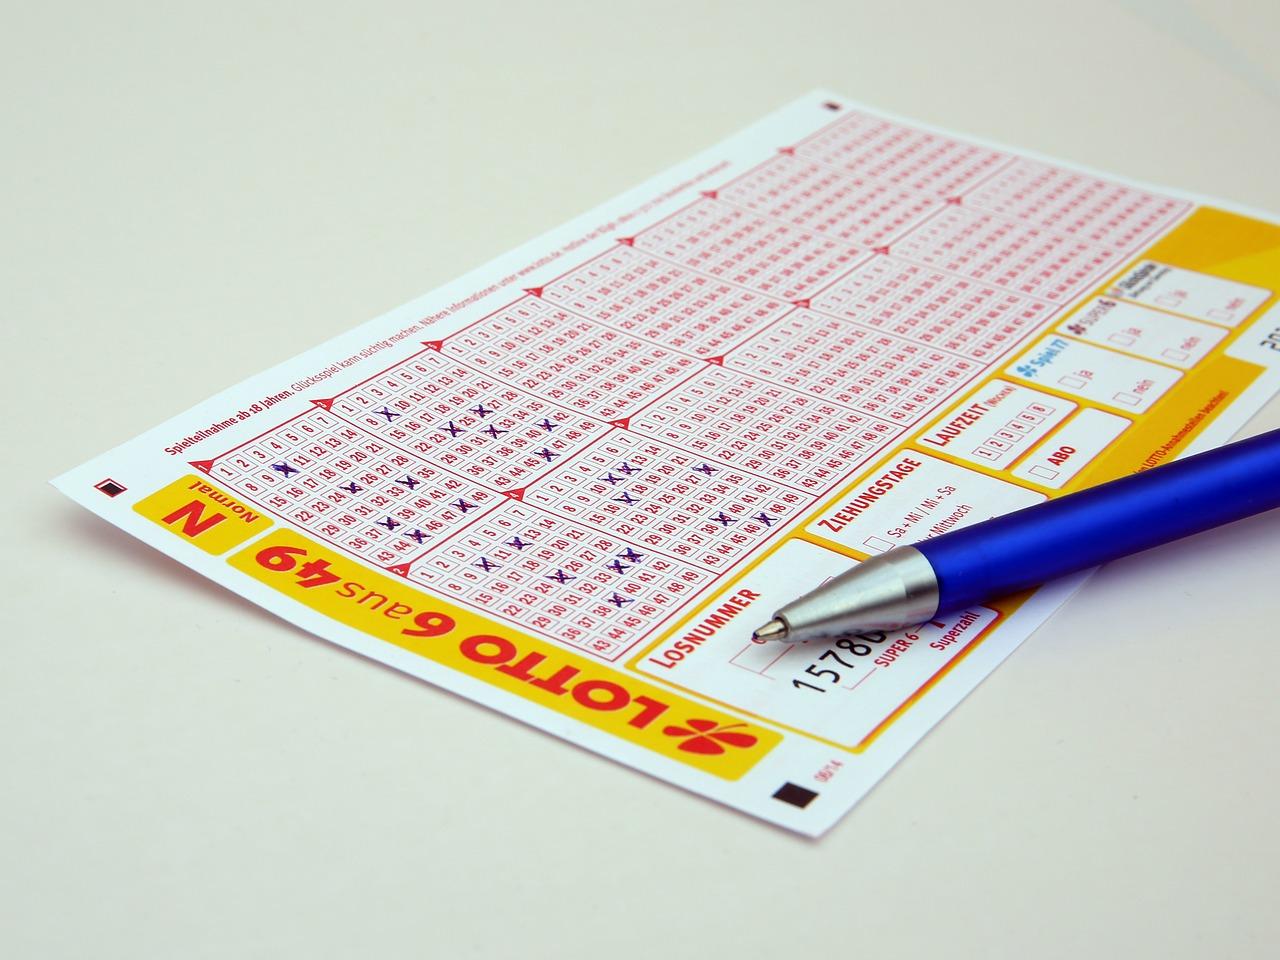 Lottobay: ein interessantes Angebot für Neukunden